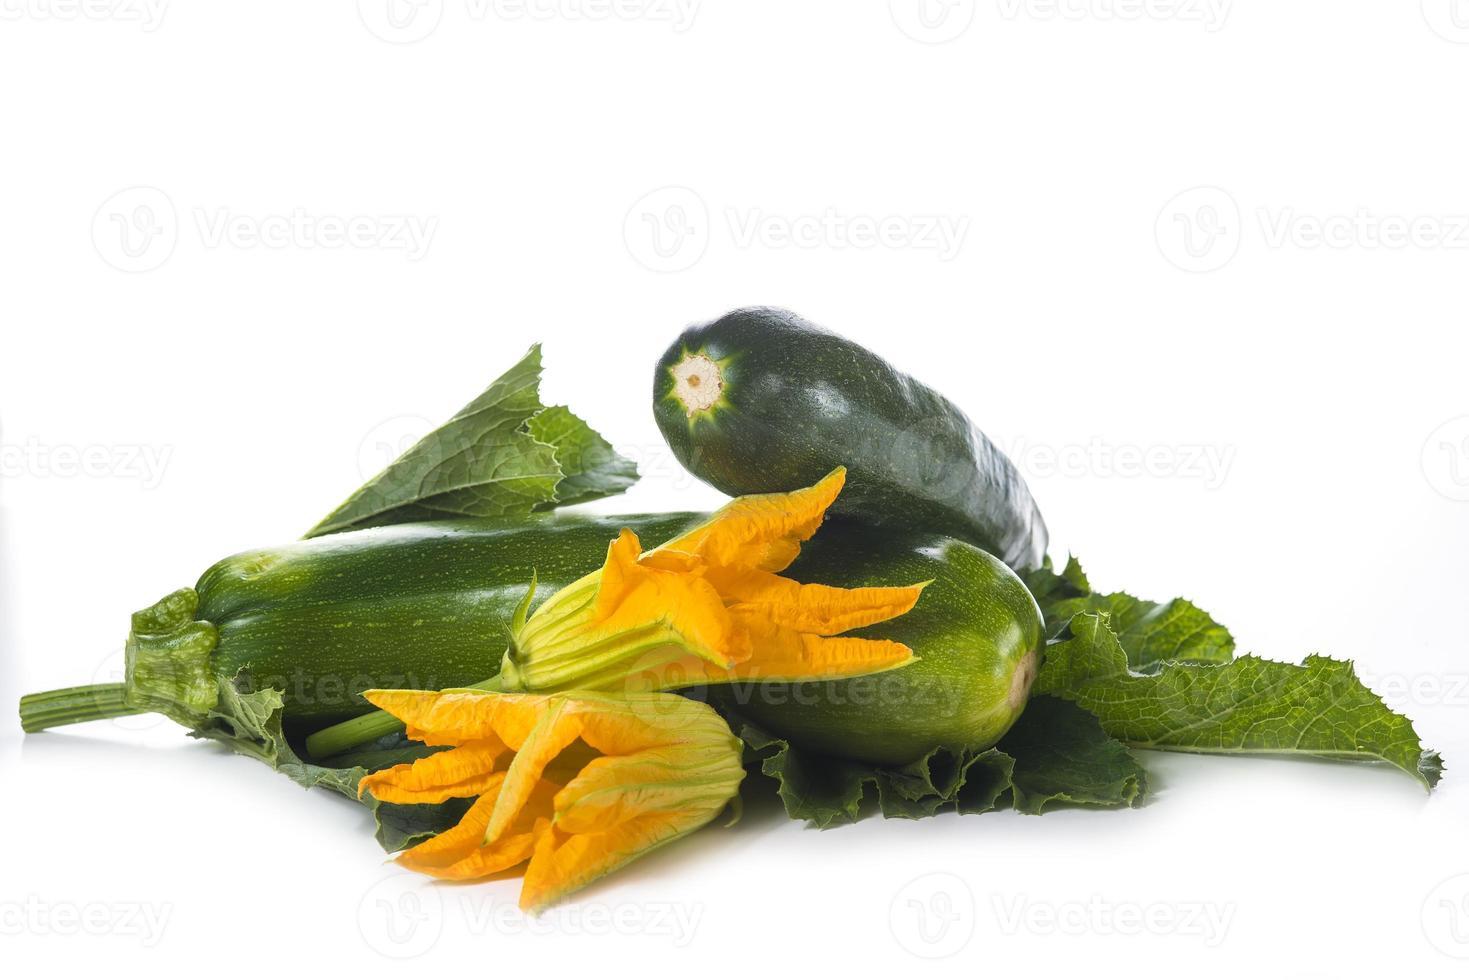 Zucchini mit Blättern und Blüten foto